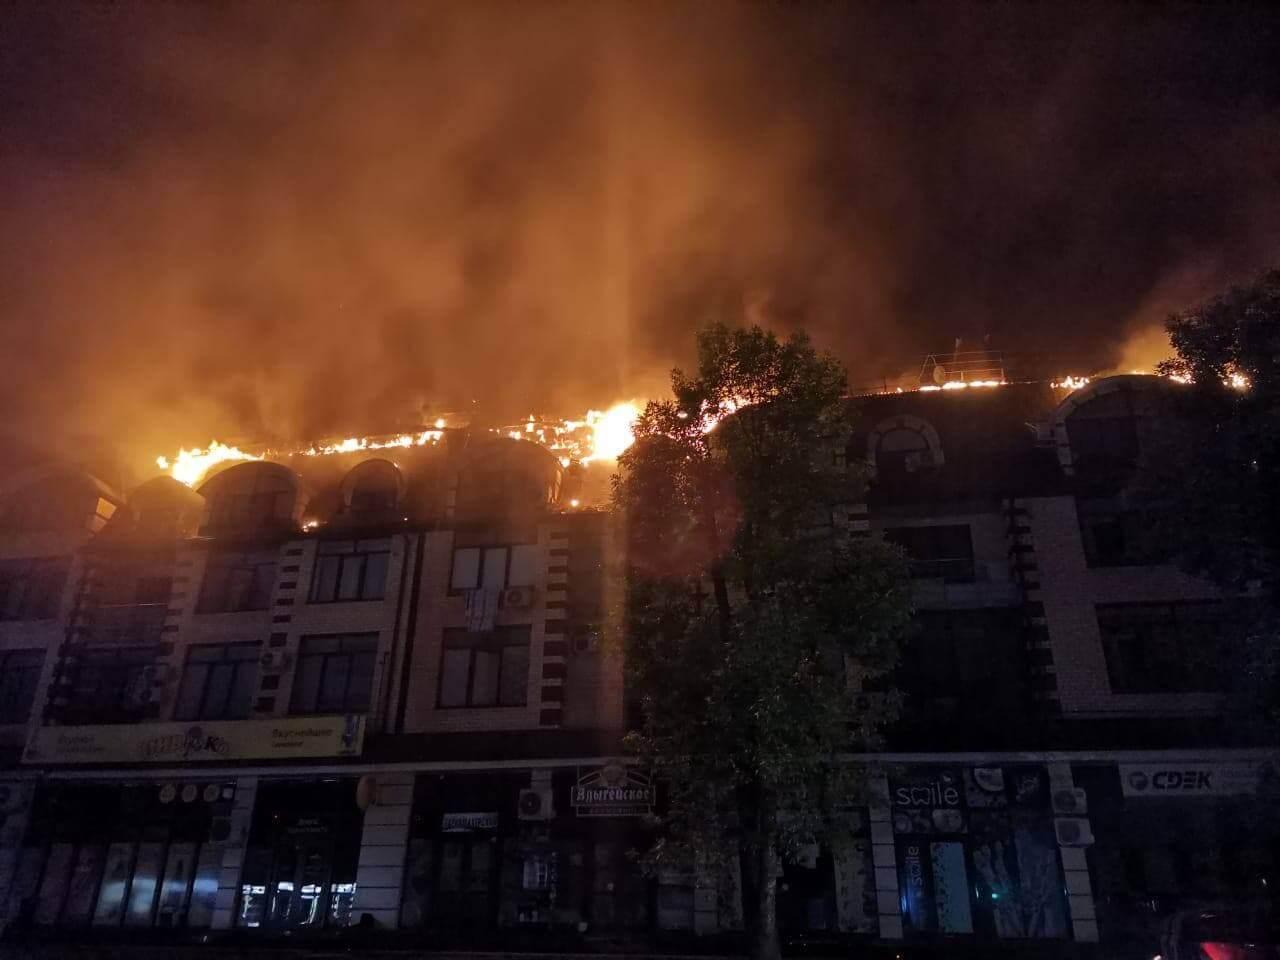 В Горячем Ключе загорелась кровля дома ЖК «Новый Град», эвакуировали 100 человек